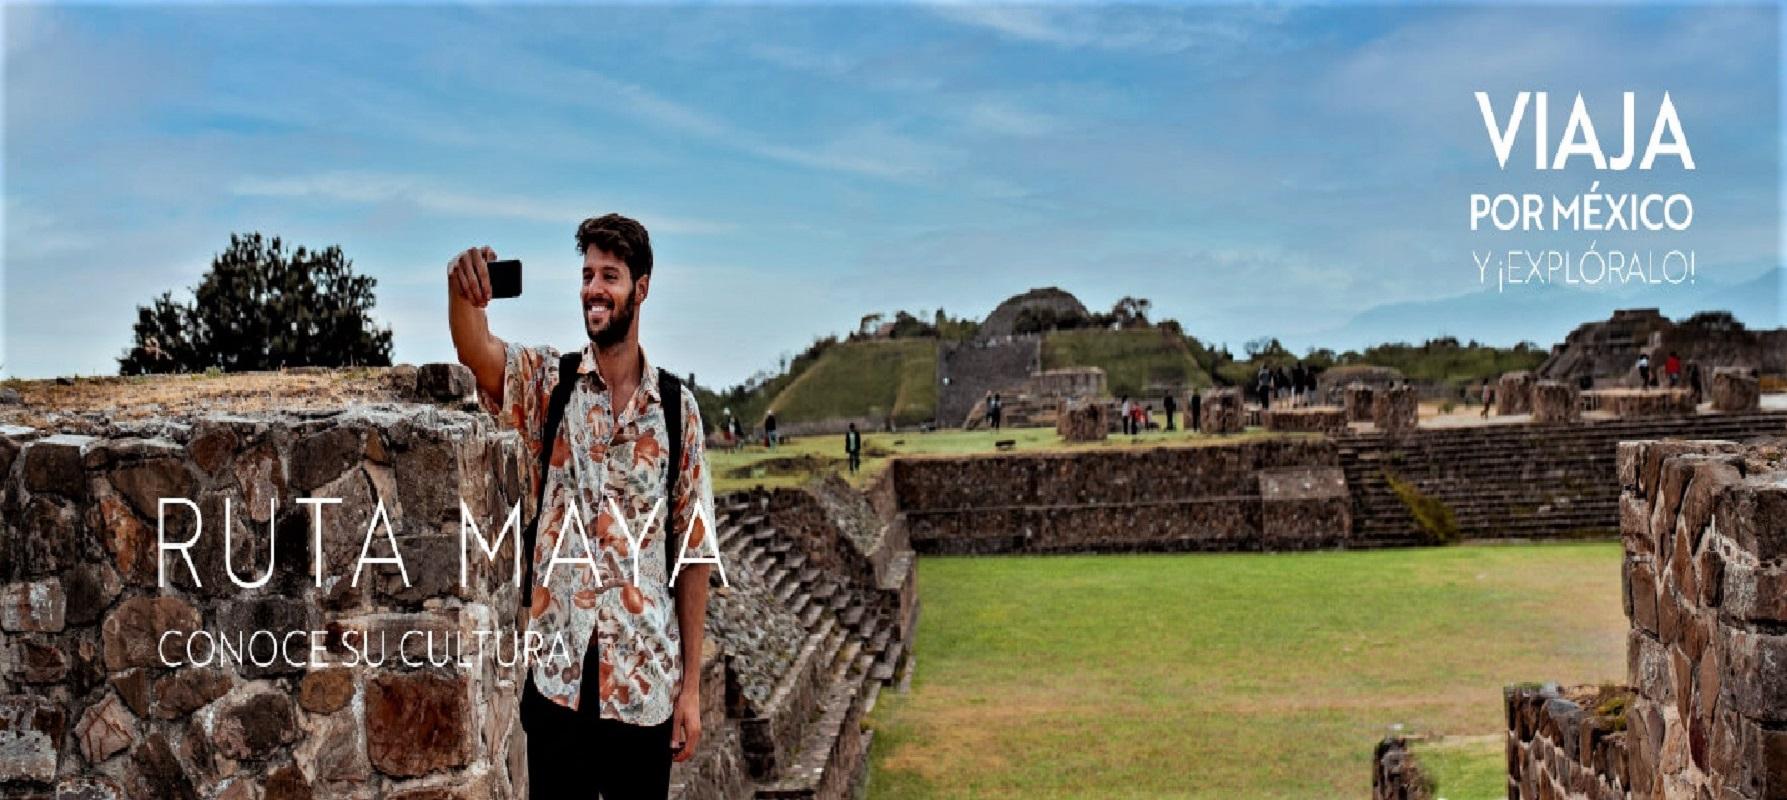 Vive el turismo en México, Guadalajara la tierra tapatía que te ofrece las mejores experiencias de la vida.